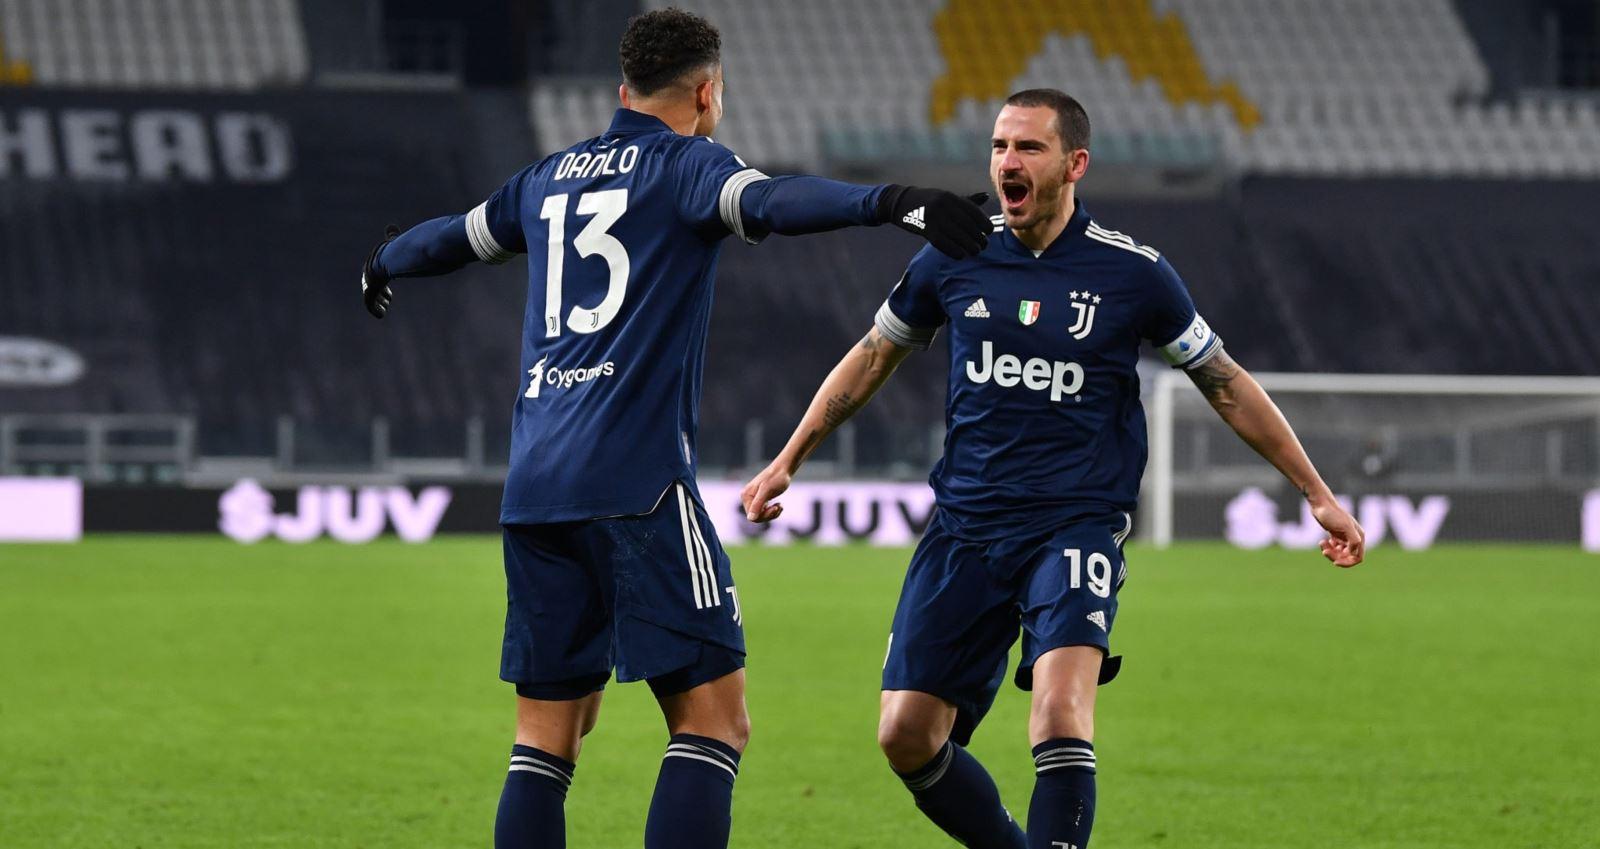 Juventus 3-1 Sassuolo, juventus, sassuolo, juve, trực tiếp bóng đá, bong da, serie a, lịch thi đấu, nhận định, kết quả bóng đá, kết quả juventus vs sassuolo